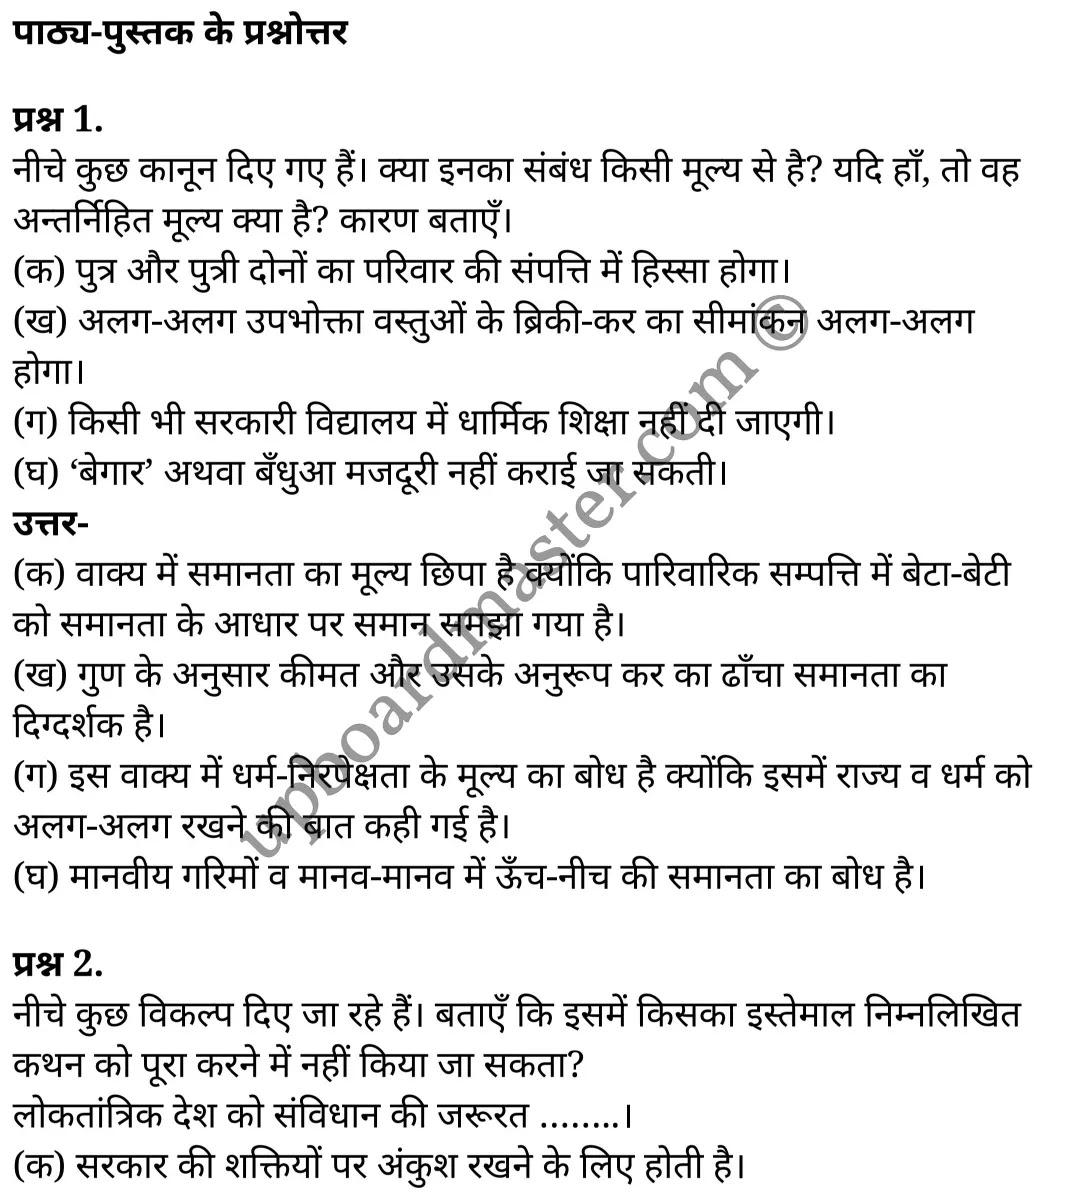 कक्षा 11 नागरिकशास्त्र  राजनीति विज्ञान अध्याय 10  के नोट्स  हिंदी में एनसीईआरटी समाधान,   class 11 civics chapter 10,  class 11 civics chapter 10 ncert solutions in civics,  class 11 civics chapter 10 notes in hindi,  class 11 civics chapter 10 question answer,  class 11 civics chapter 10 notes,  class 11 civics chapter 10 class 11 civics  chapter 10 in  hindi,   class 11 civics chapter 10 important questions in  hindi,  class 11 civics hindi  chapter 10 notes in hindi,   class 11 civics  chapter 10 test,  class 11 civics  chapter 10 class 11 civics  chapter 10 pdf,  class 11 civics  chapter 10 notes pdf,  class 11 civics  chapter 10 exercise solutions,  class 11 civics  chapter 10, class 11 civics  chapter 10 notes study rankers,  class 11 civics  chapter 10 notes,  class 11 civics hindi  chapter 10 notes,   class 11 civics   chapter 10  class 11  notes pdf,  class 11 civics  chapter 10 class 11  notes  ncert,  class 11 civics  chapter 10 class 11 pdf,  class 11 civics  chapter 10  book,  class 11 civics  chapter 10 quiz class 11  ,     11  th class 11 civics chapter 10    book up board,   up board 11  th class 11 civics chapter 10 notes,  class 11 civics  Political Science chapter 10,  class 11 civics  Political Science chapter 10 ncert solutions in civics,  class 11 civics  Political Science chapter 10 notes in hindi,  class 11 civics  Political Science chapter 10 question answer,  class 11 civics  Political Science  chapter 10 notes,  class 11 civics  Political Science  chapter 10 class 11 civics  chapter 10 in  hindi,   class 11 civics  Political Science chapter 10 important questions in  hindi,  class 11 civics  Political Science  chapter 10 notes in hindi,   class 11 civics  Political Science  chapter 10 test,  class 11 civics  Political Science  chapter 10 class 11 civics  chapter 10 pdf,  class 11 civics  Political Science chapter 10 notes pdf,  class 11 civics  Political Science  chapter 10 exercise solutions,  class 11 civics  Political Science  chapter 